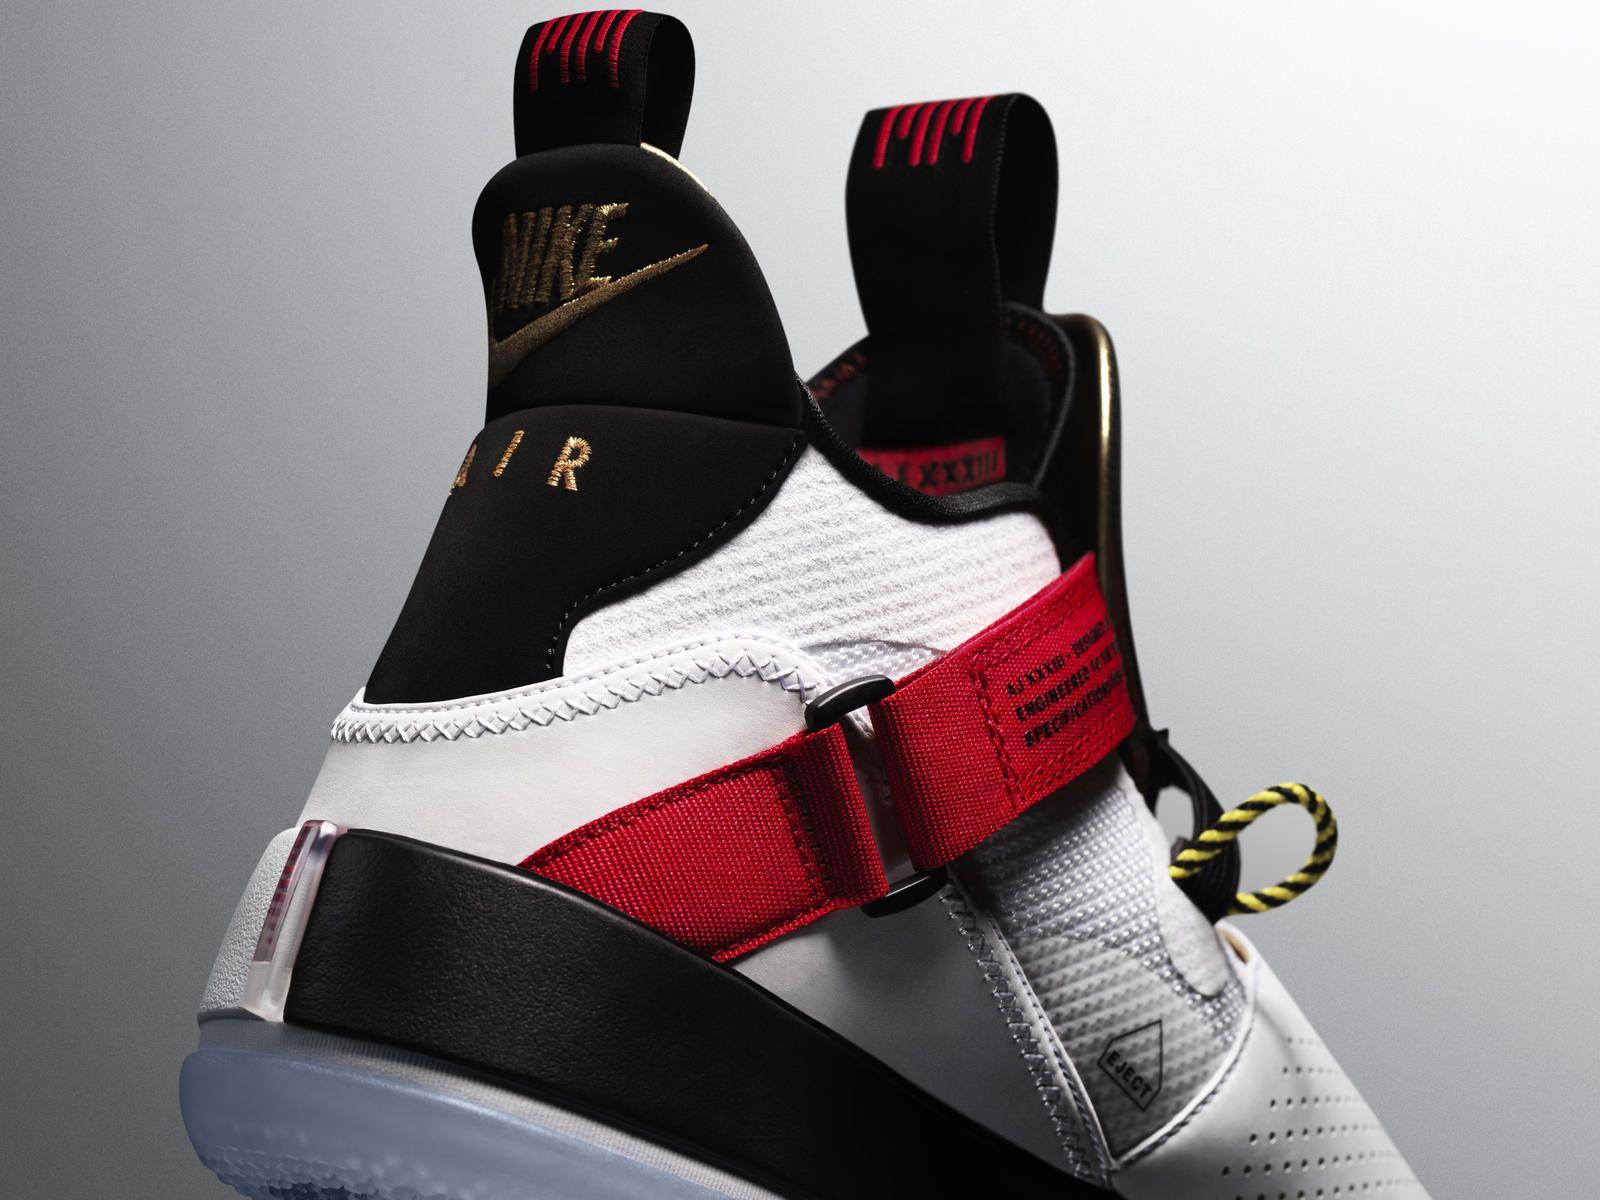 Air Jordan 1 'First Class' Release Date. Nike SNKRS